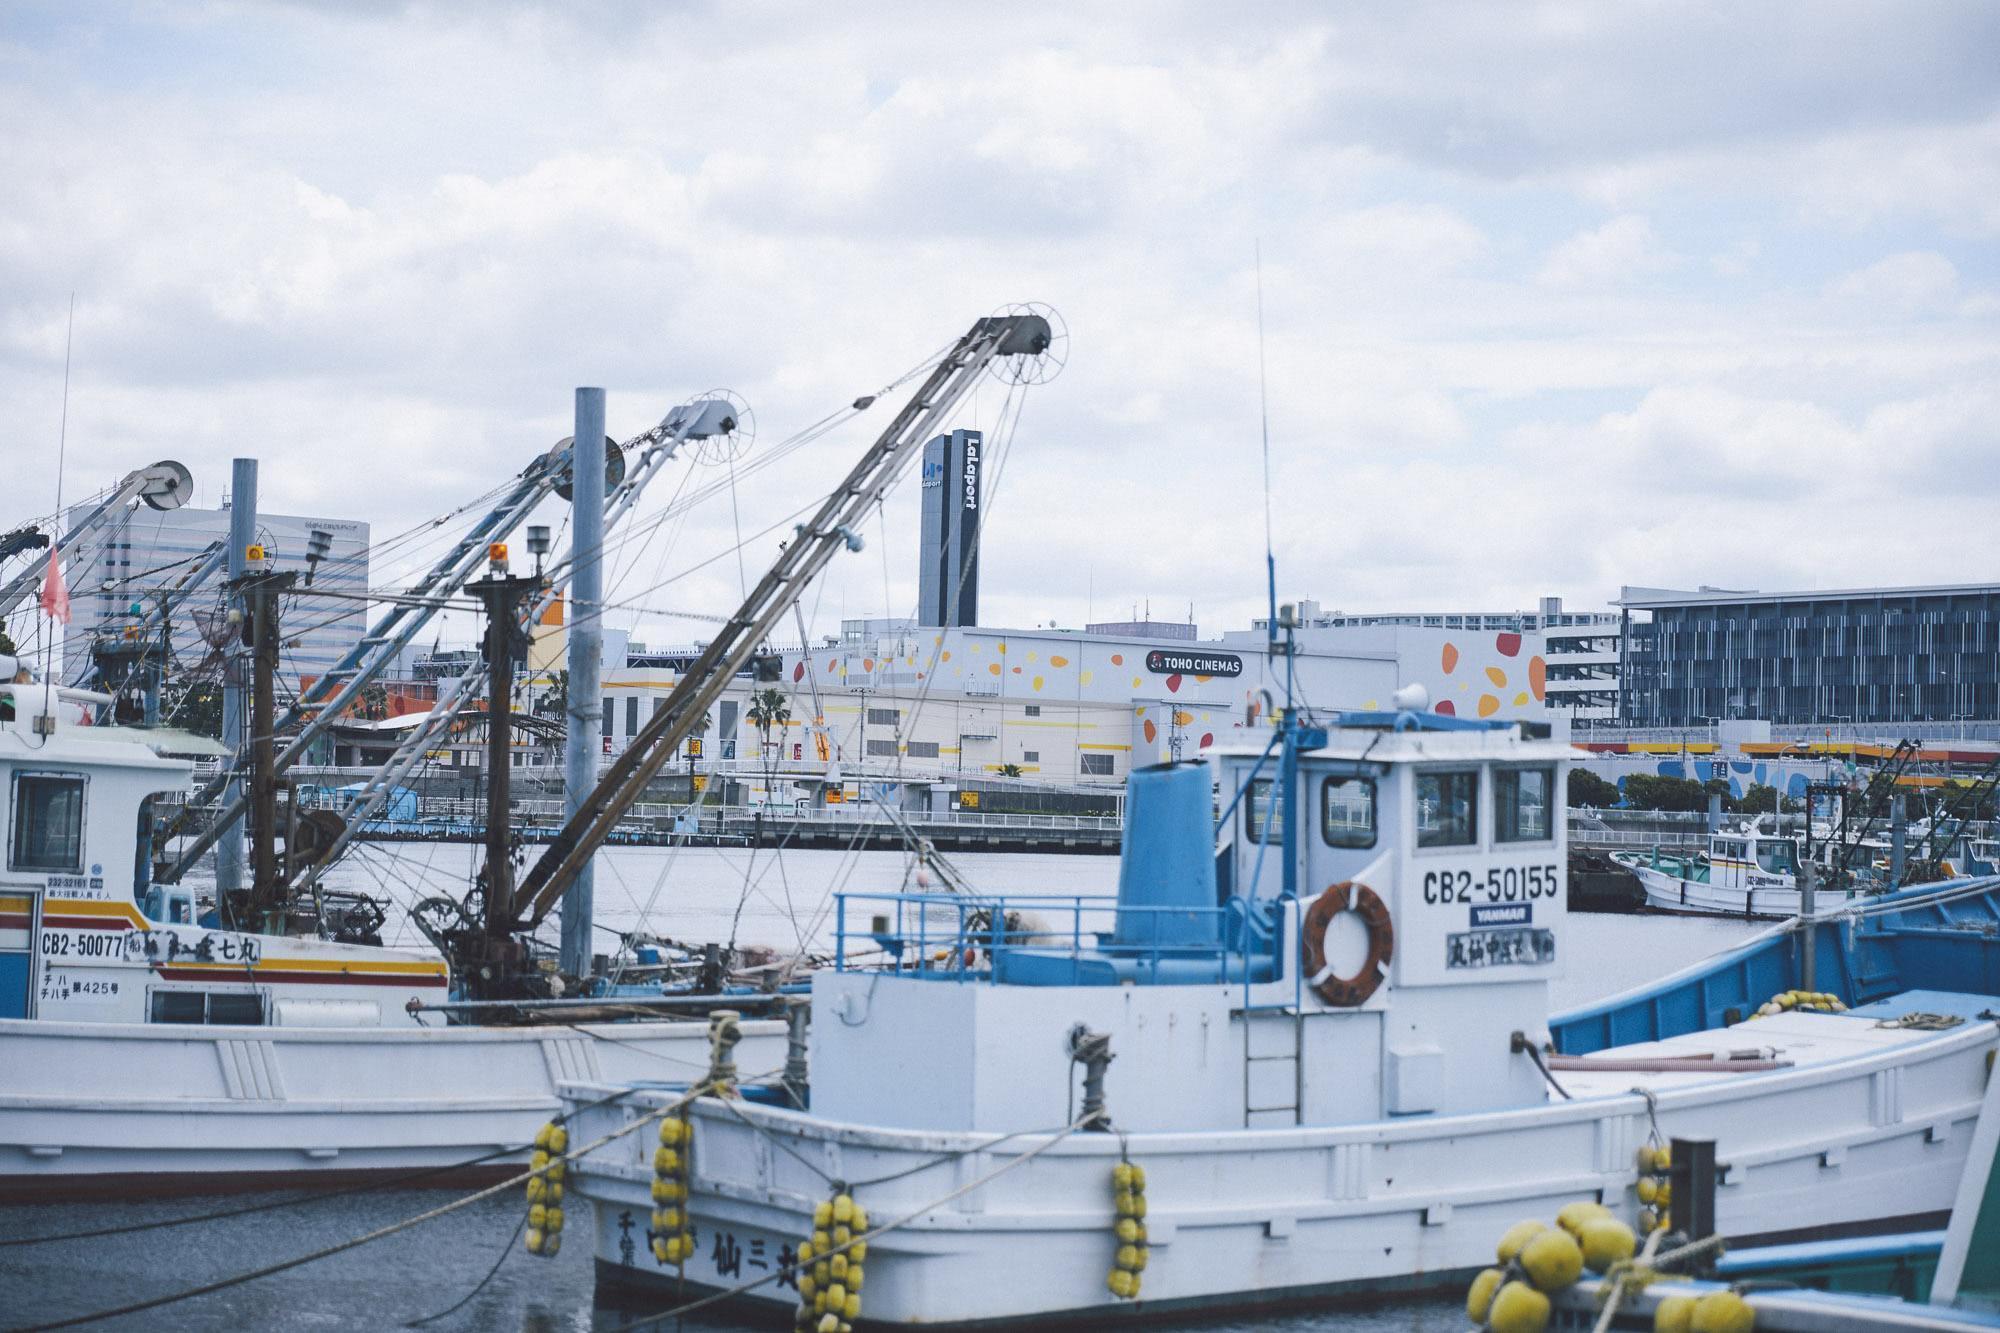 船橋の漁港に係留される漁船